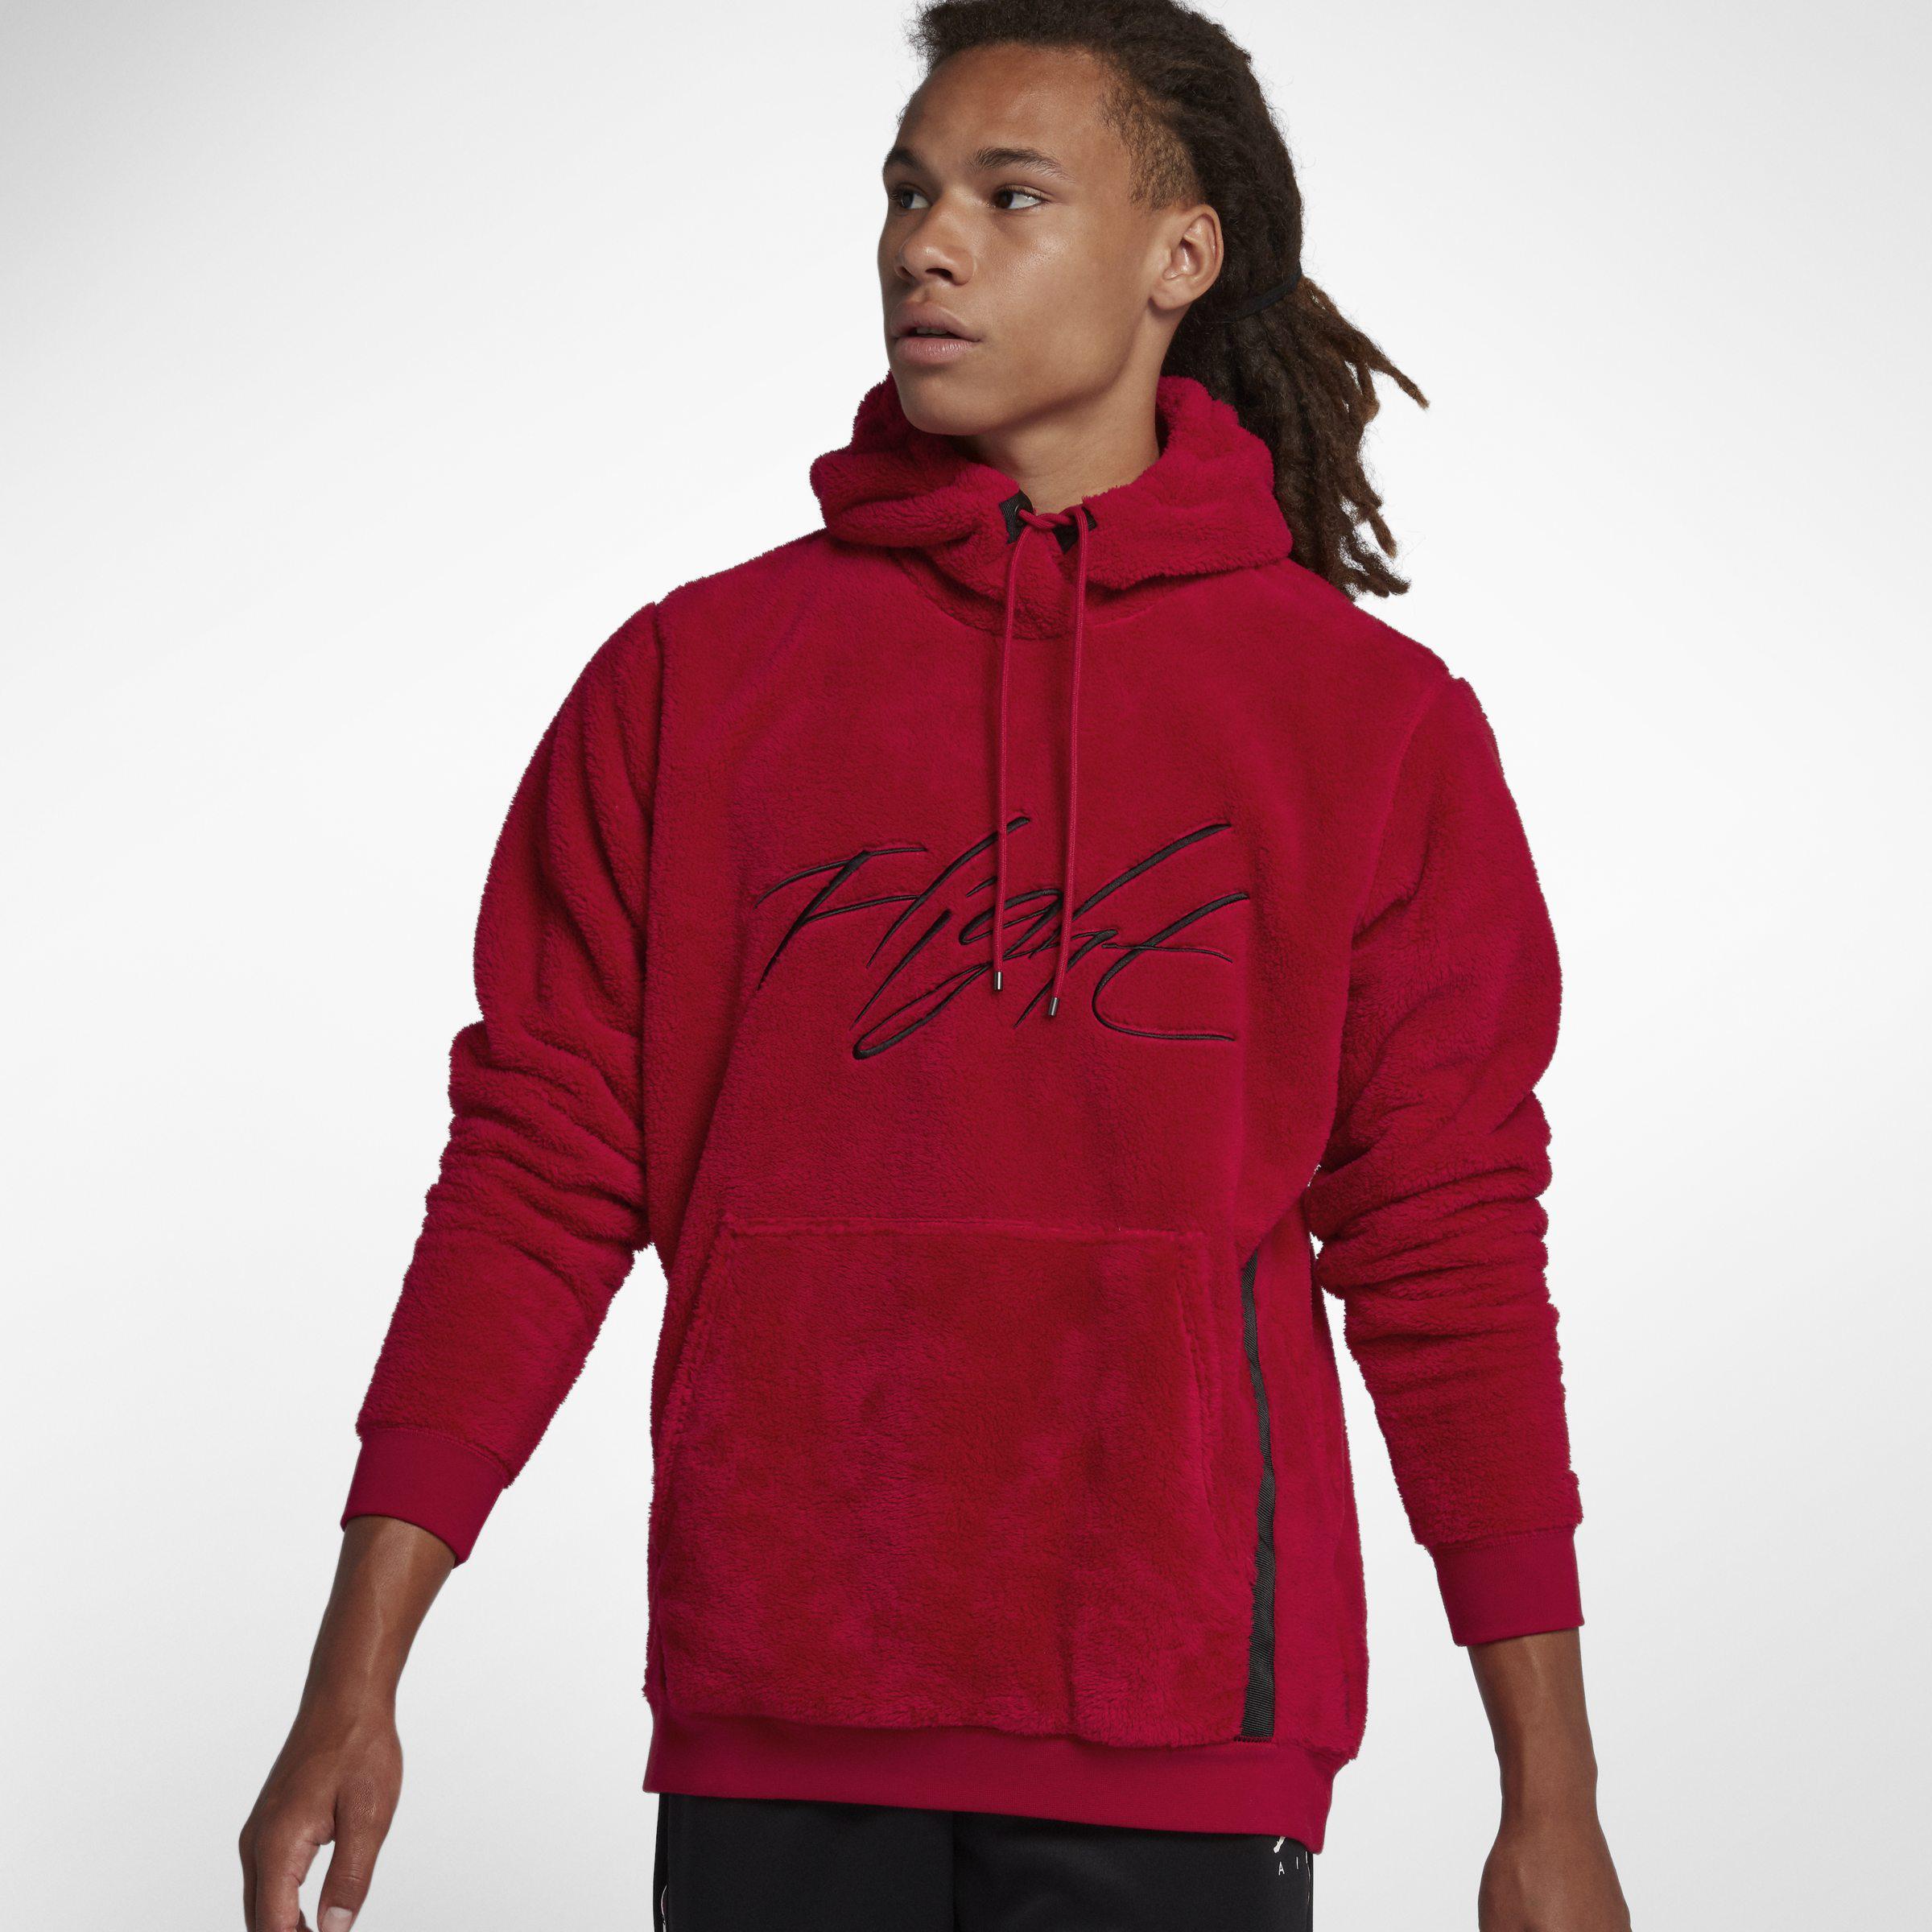 c5d53b5adedfdb Nike Jordan Sportswear Wings Of Flight Sherpa Pullover Hoodie in Red ...